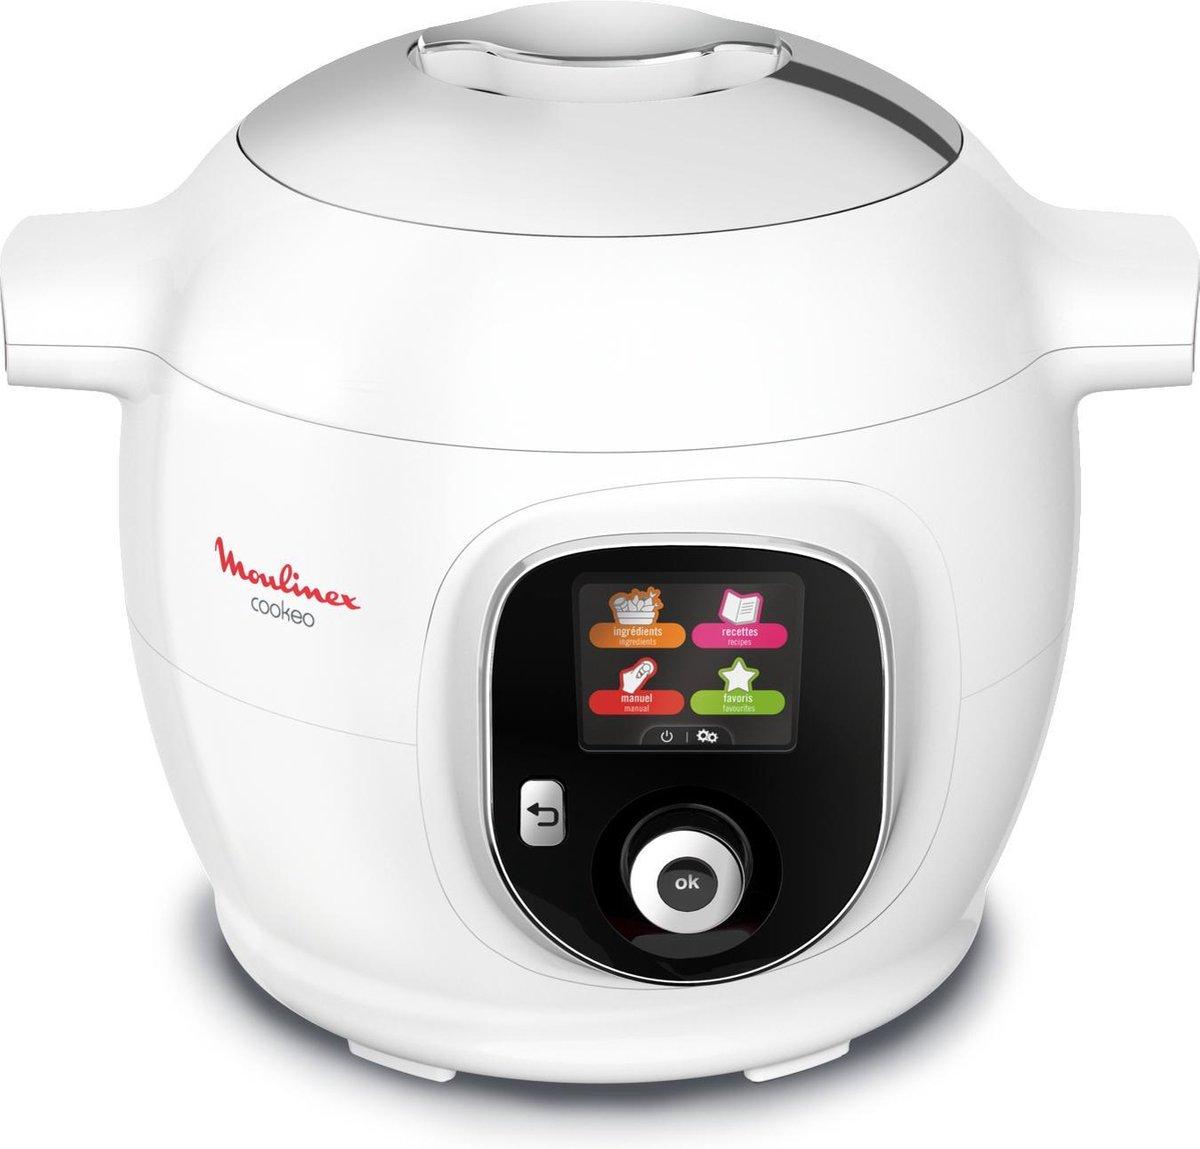 Moulinex Cookeo CE700100 Multicooker online kopen